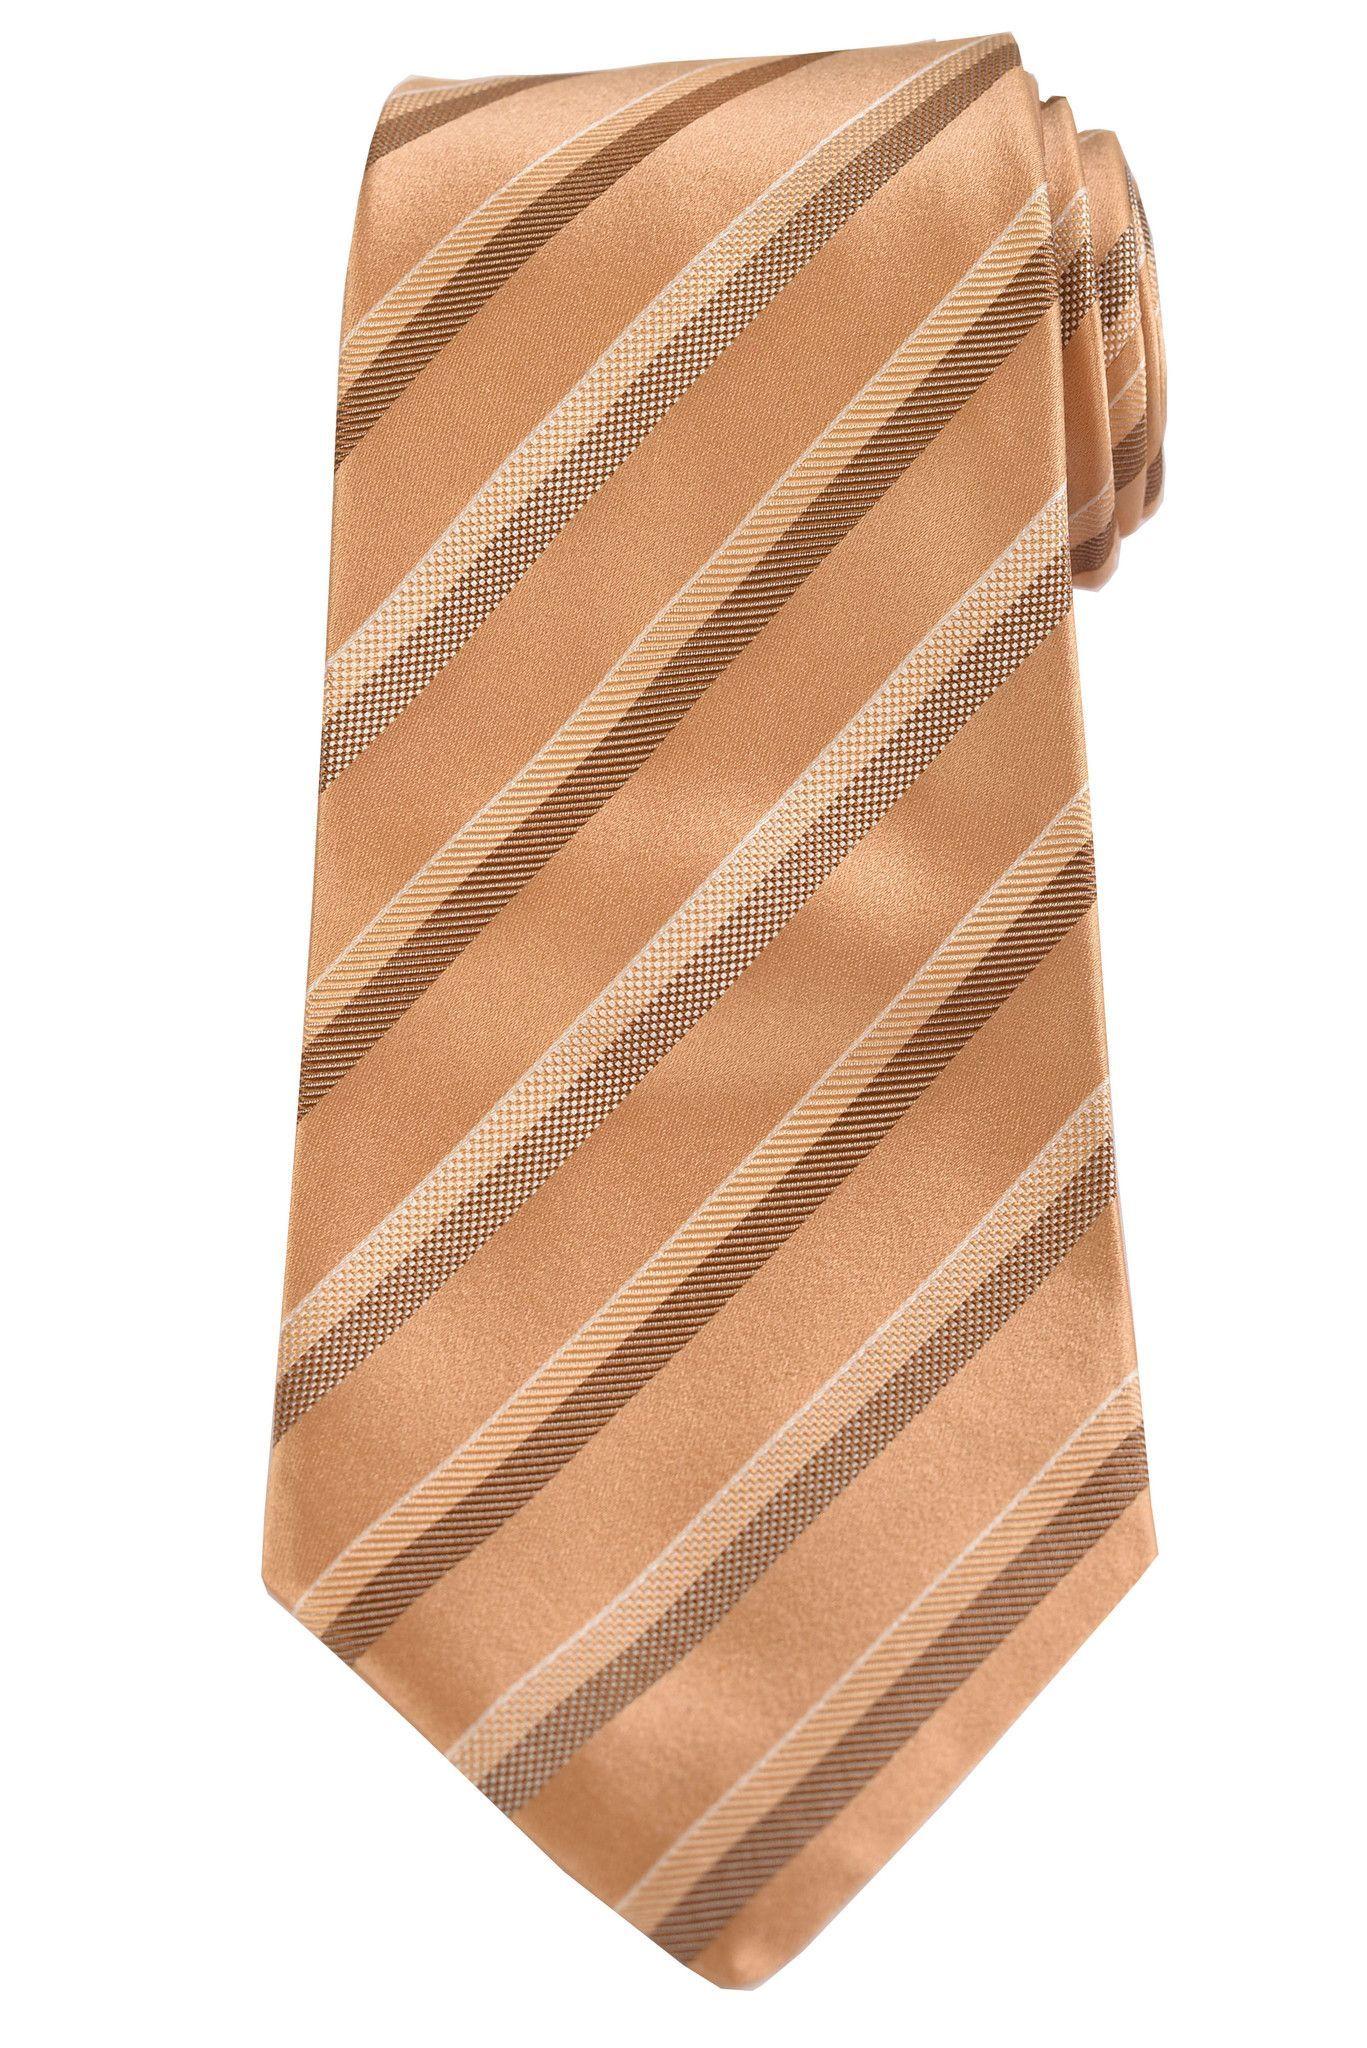 KITON Napoli Hand-Made Seven Fold Gold Repp Striped Silk Tie NEW